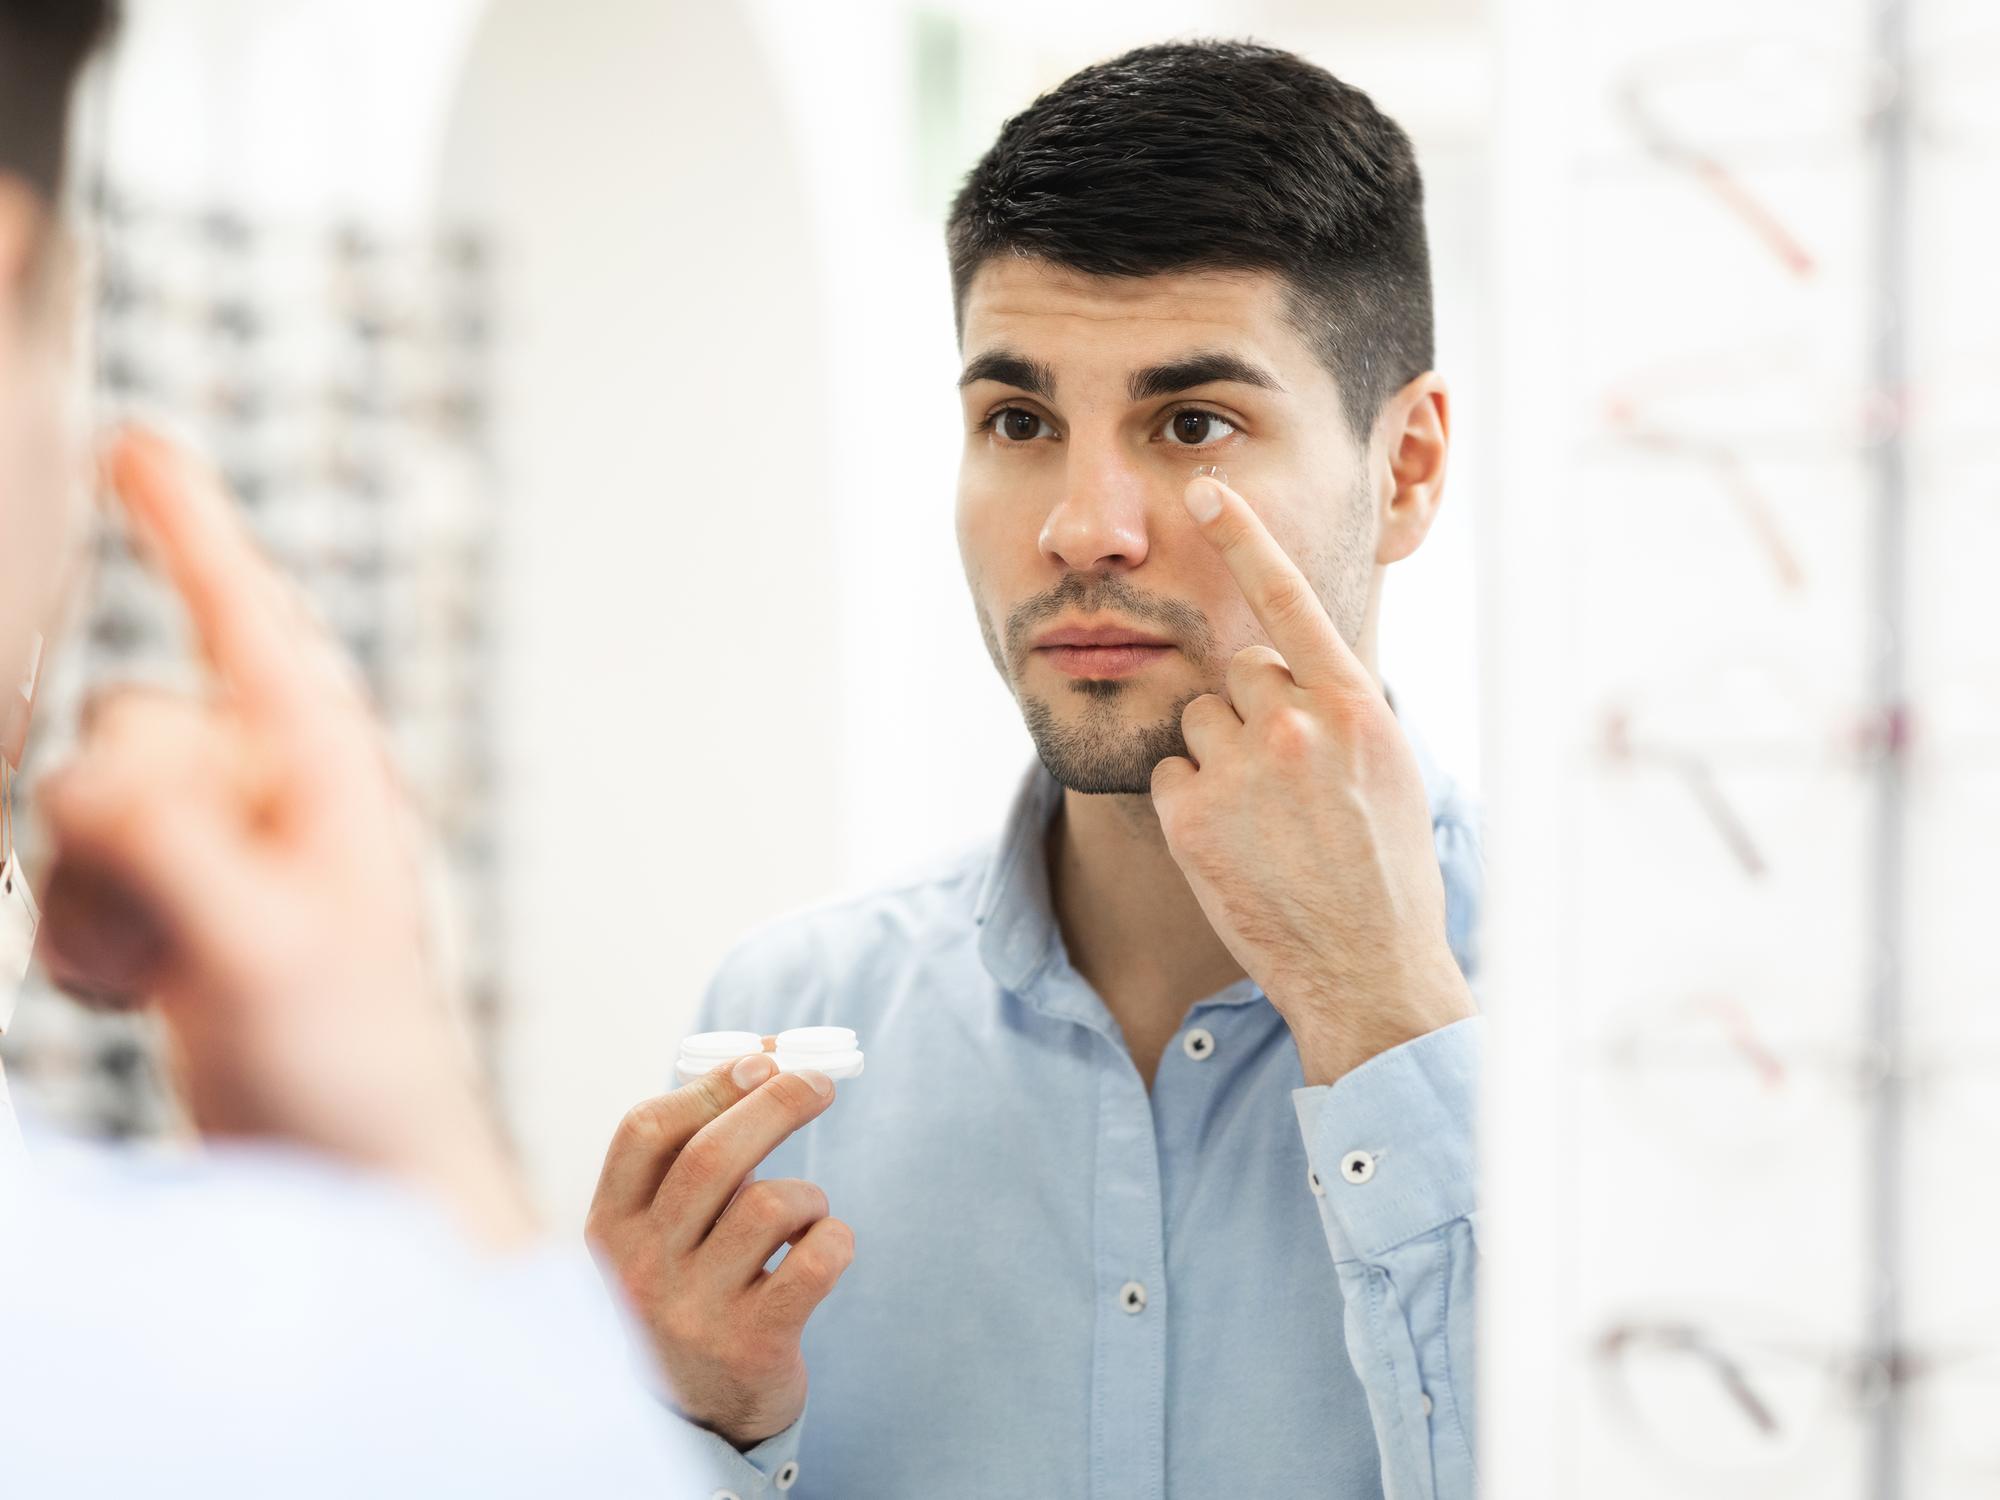 Contact Lens Options for Myopia